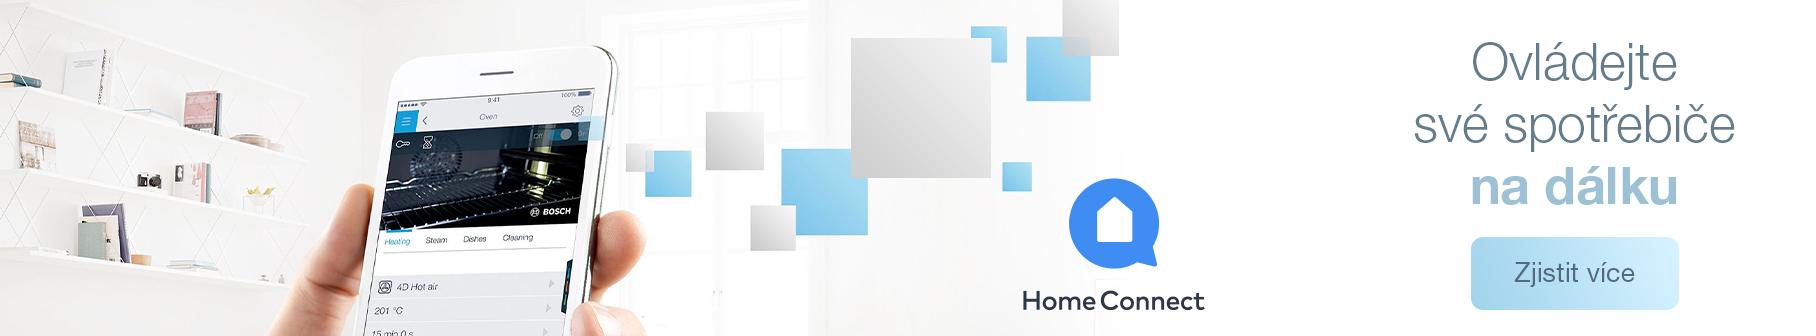 Bosch - Home Connect - Ovládejte své spotřebiče na dálku